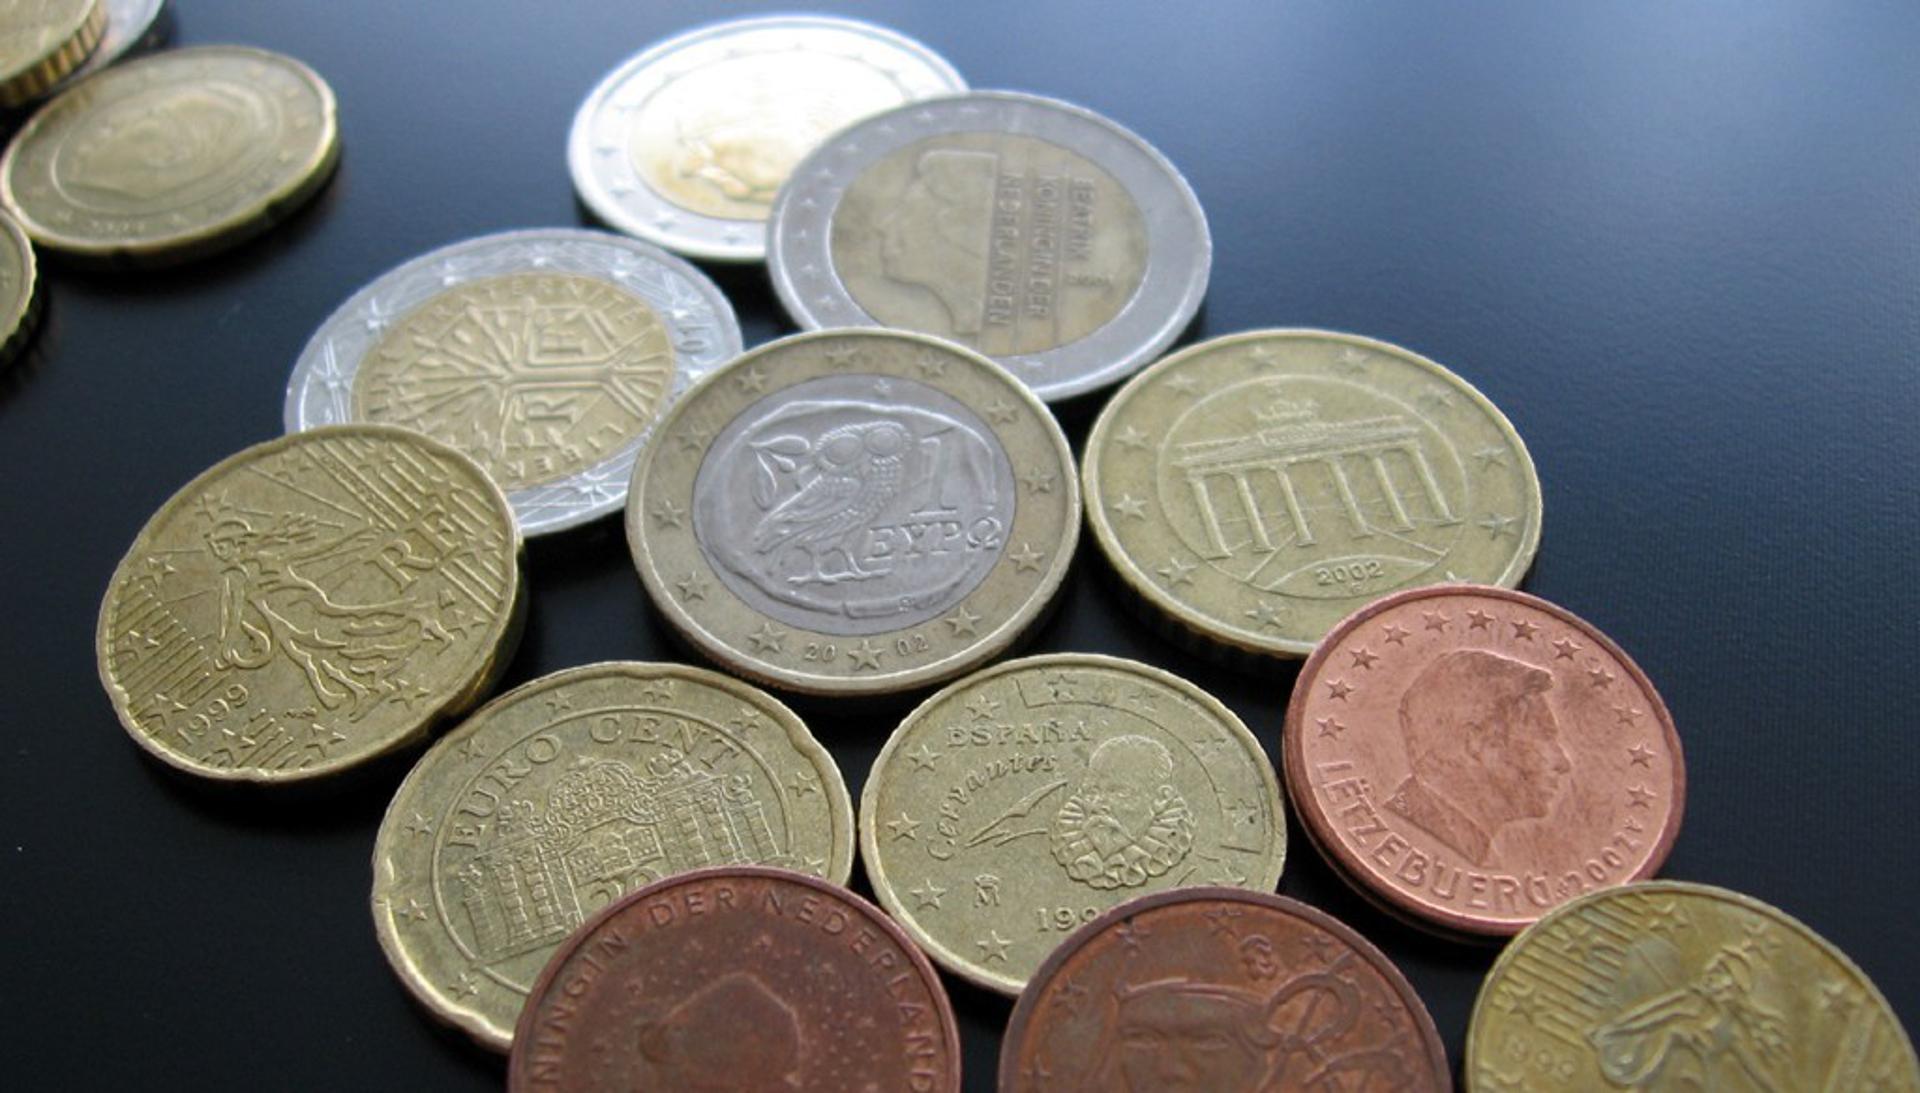 Ab März Vatikanische Euro Münzen Ohne Bild Von Papst Franziskus